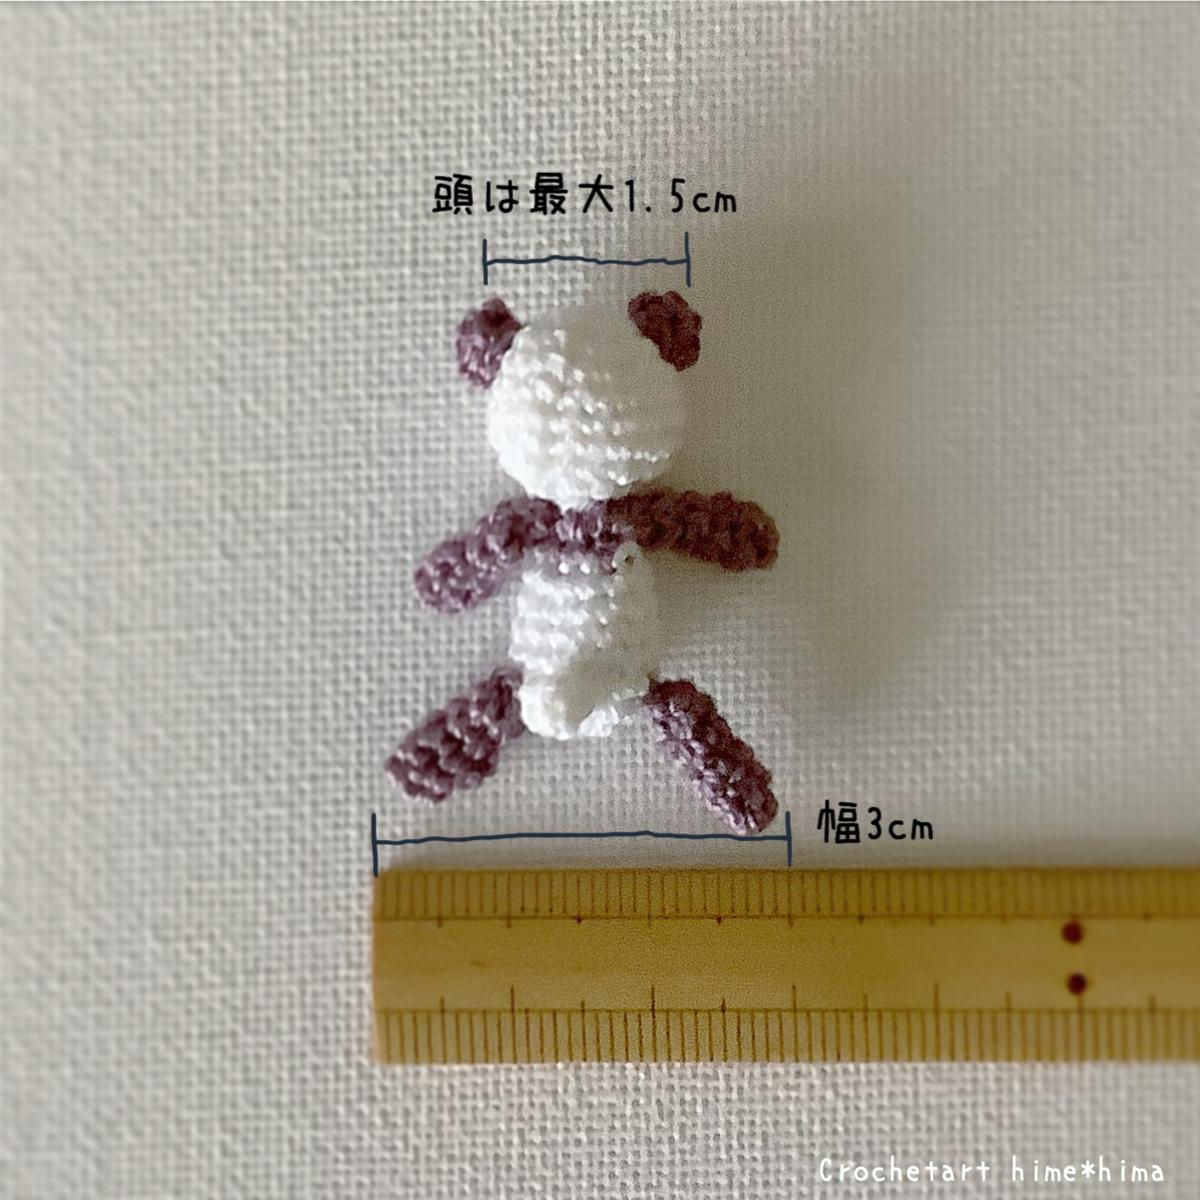 超ミニサイズのあみぐるみパンダの横幅3cm